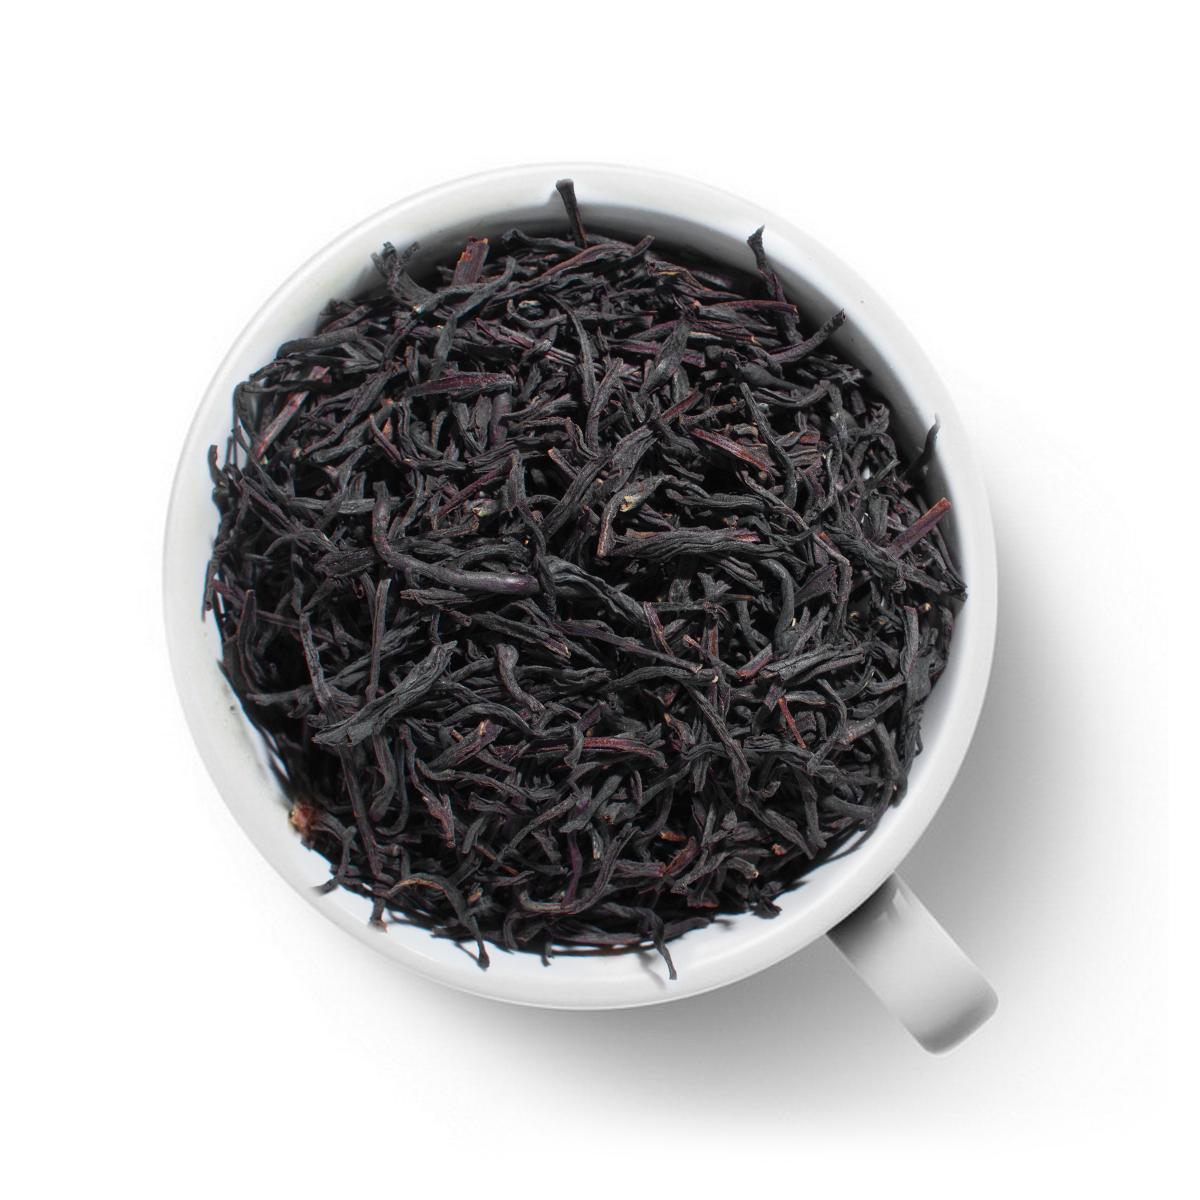 Чай черный Харбор Вэлли OP1 Ува jaf tea династия сорт pekoe чай черный крупнолистовой 400 г